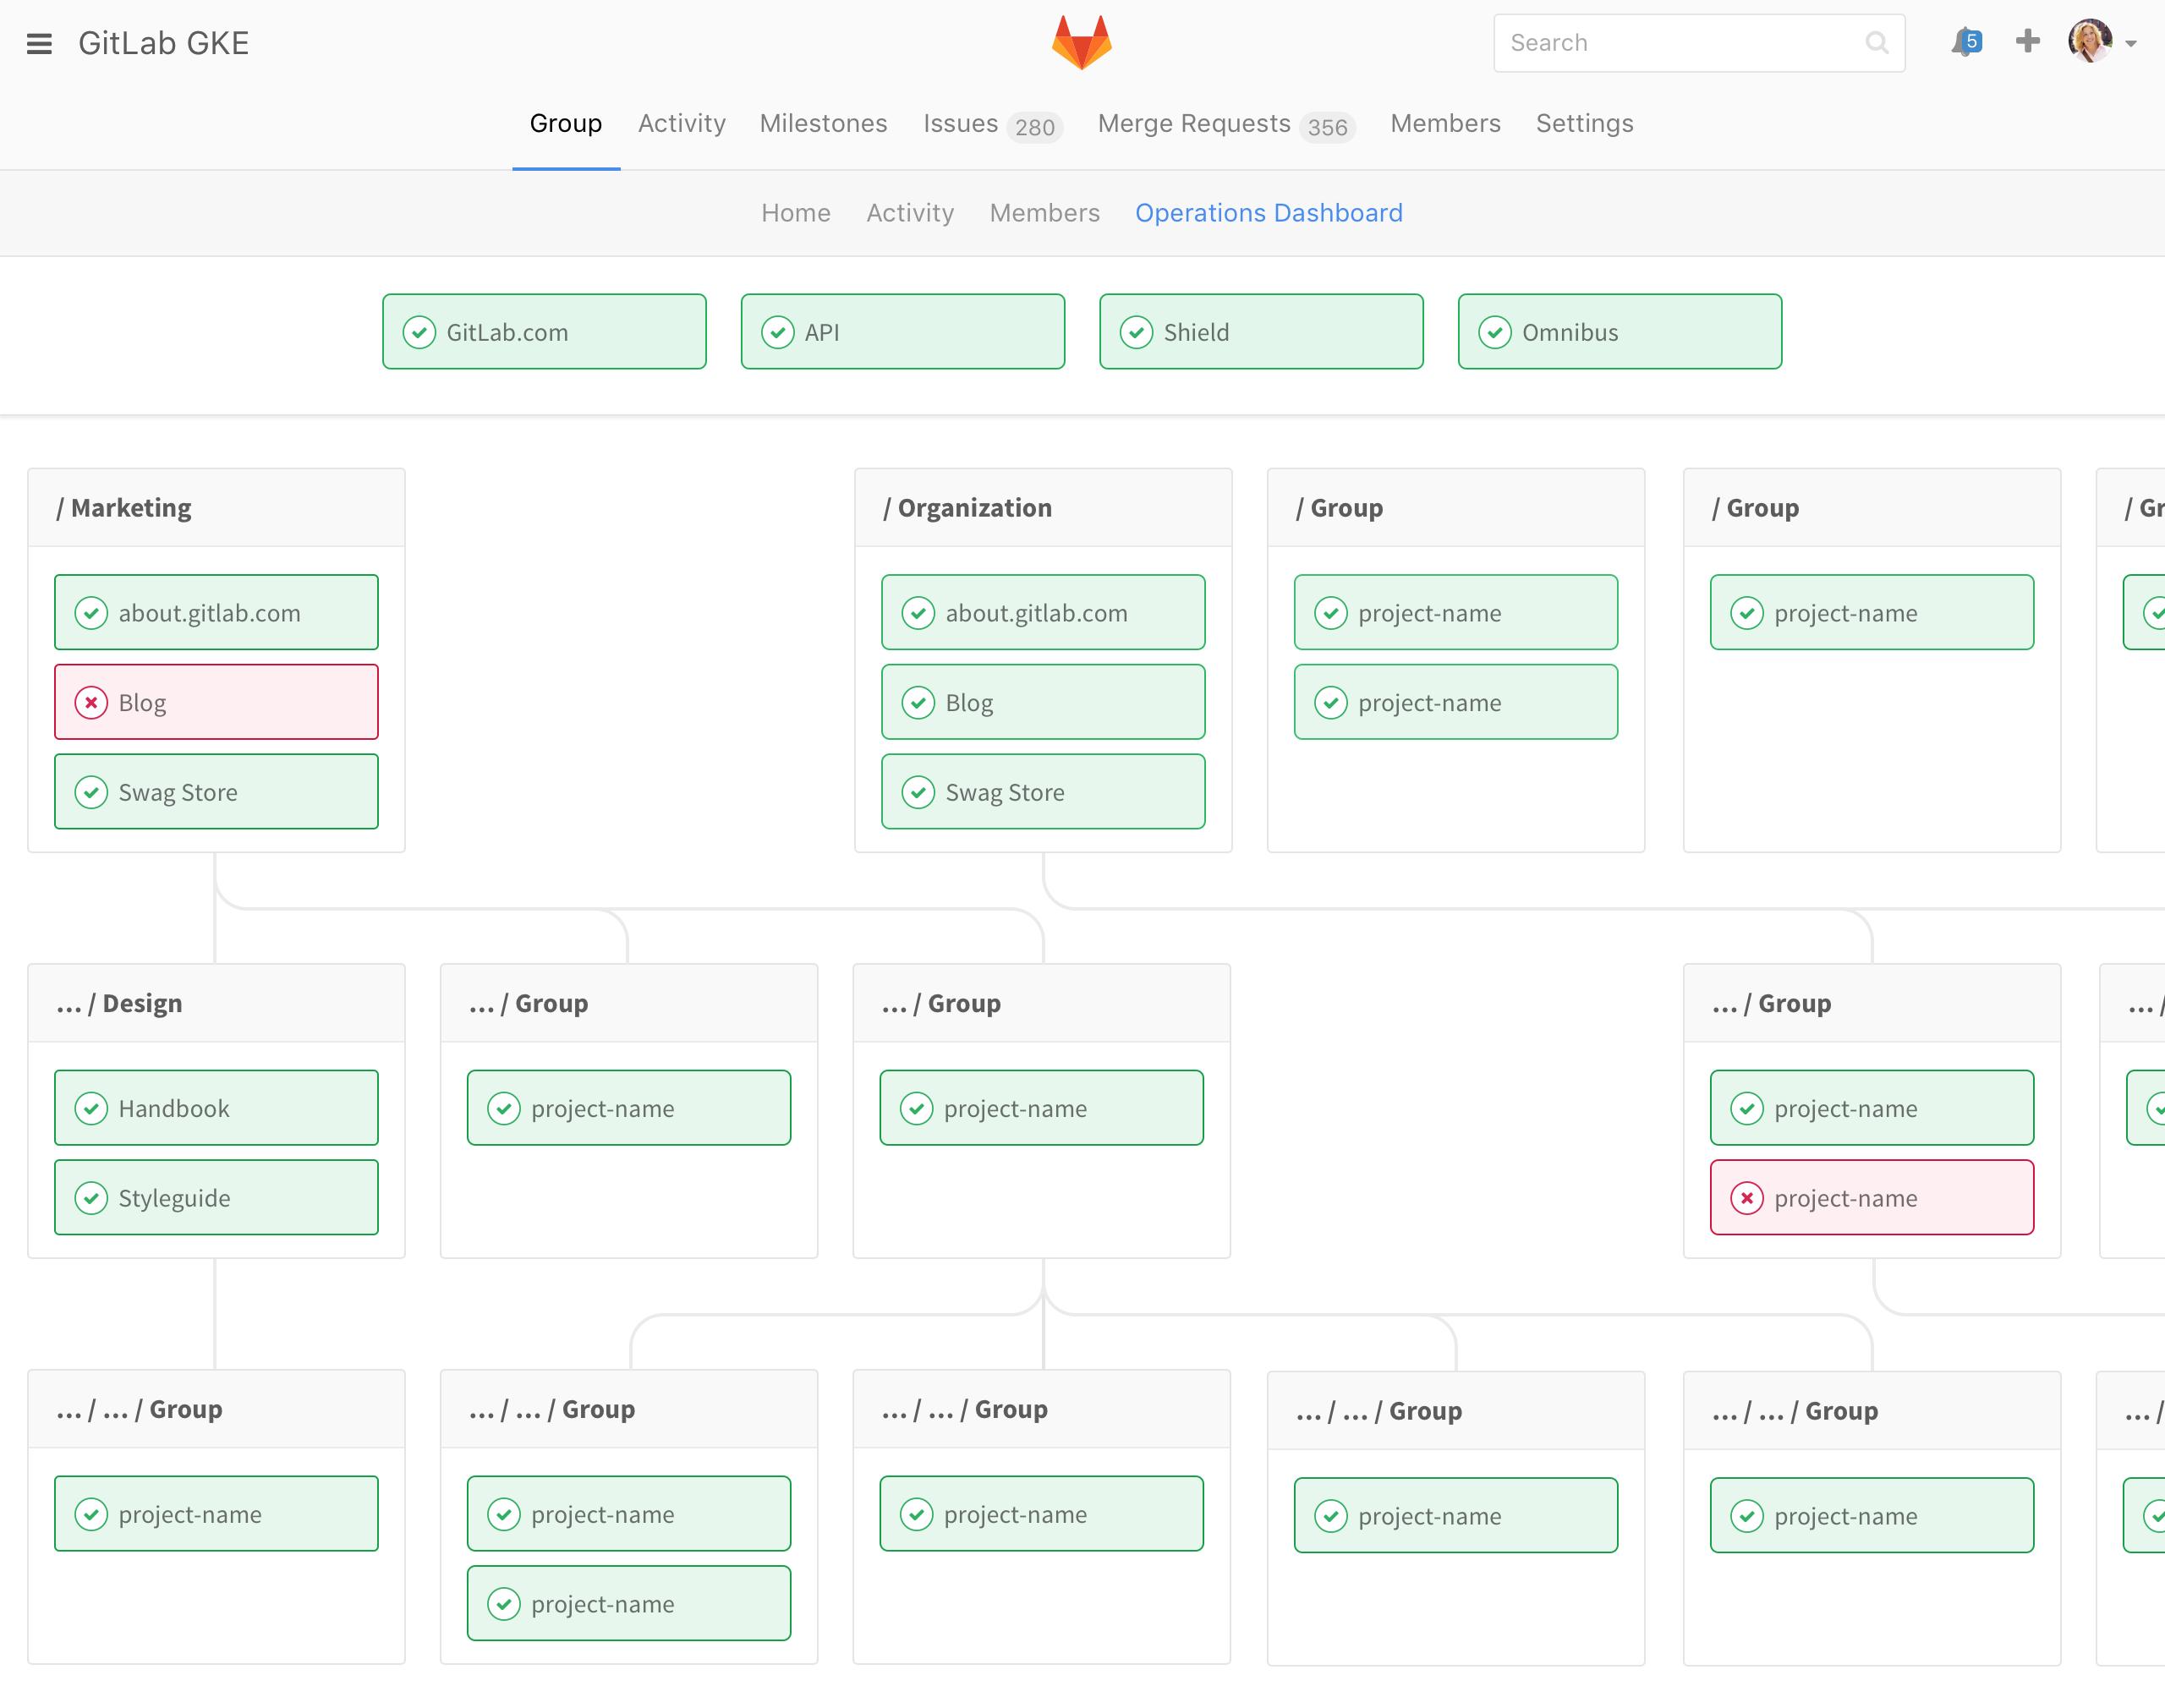 source/images/blogimages/devops-strategy-monitoring-deploy-board.png